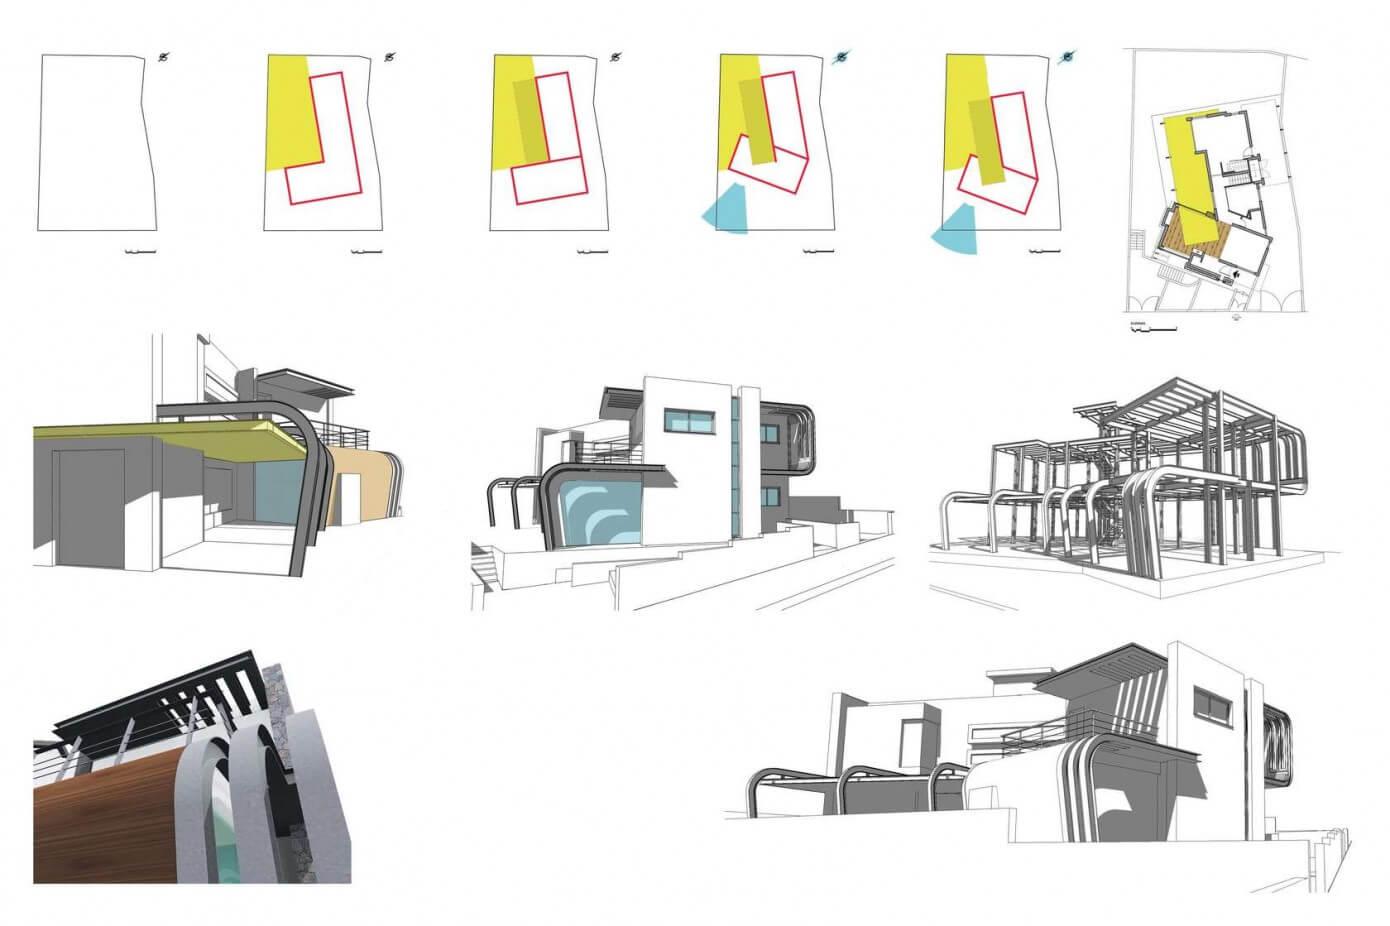 Gr fico 3d de detalles constructivosn de moderna casa de for Construye tu casa en 3d